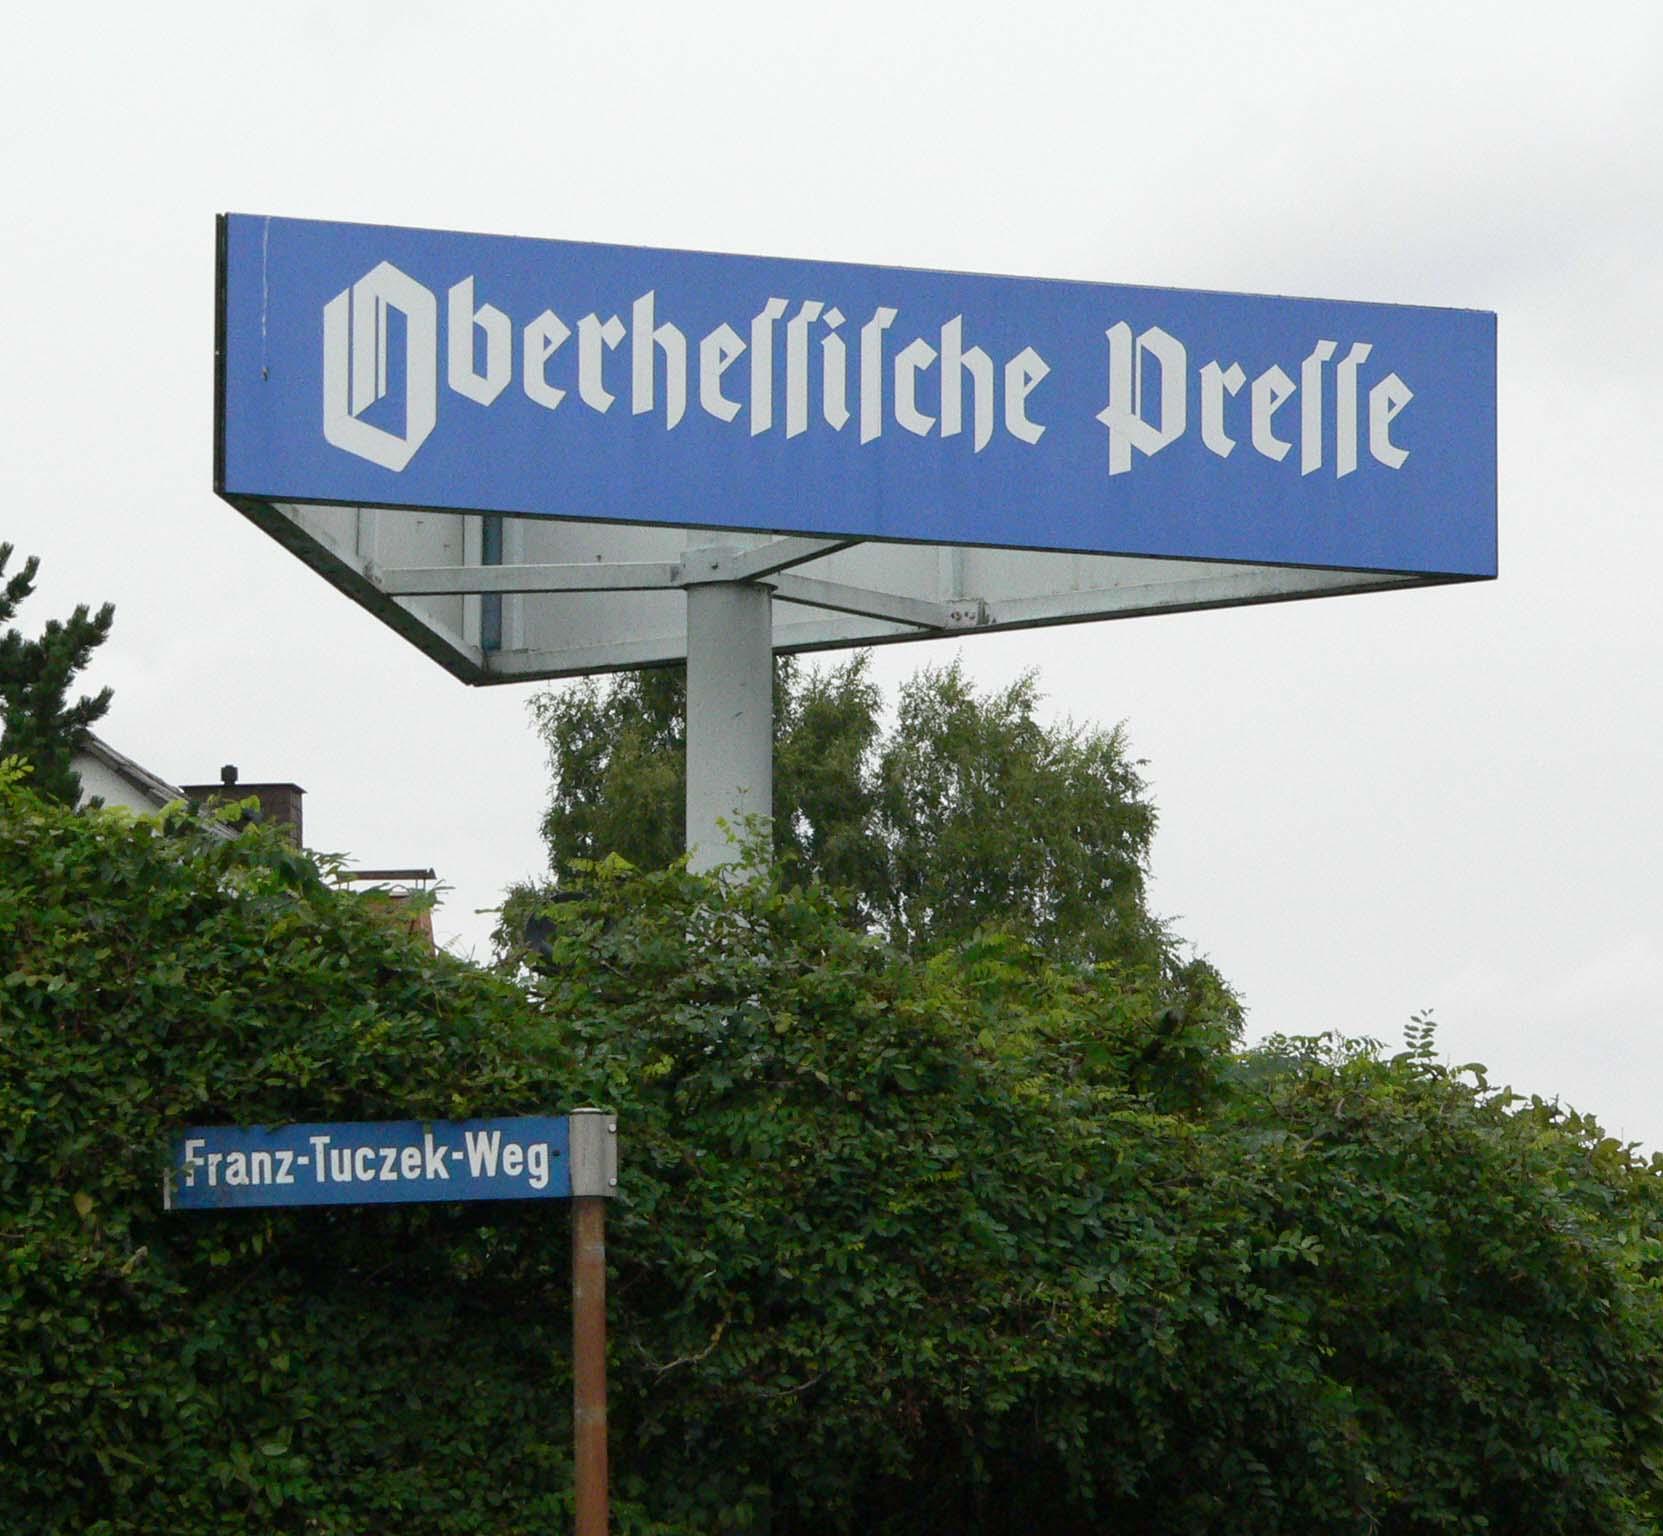 Die Oberhessische Presse möchte auf Biegen und Brechen ihre Schwerbehindertenvertreterin loswerden, die gleichzeitig auch für die ganze Madsack-Gruppe zuständig ist. Eine gütliche Einigung vor dem Arbeitsgericht in Gießen war nicht in Sicht. Foto: Mank